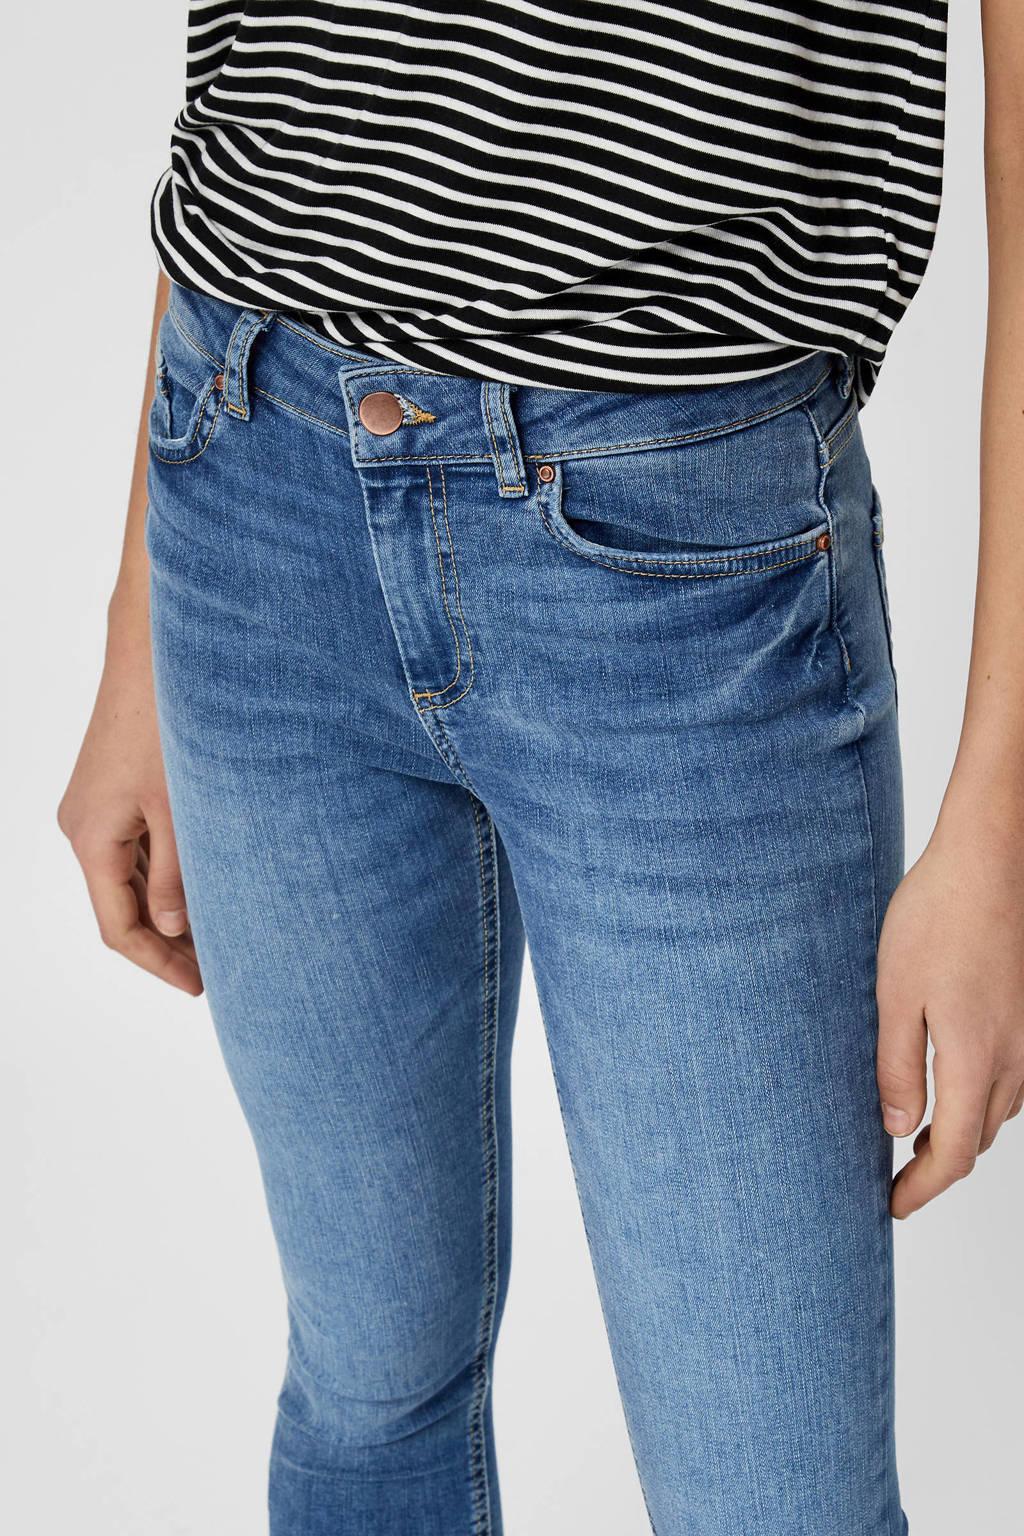 PIECES high waist skinny jeans blauw, Blauw